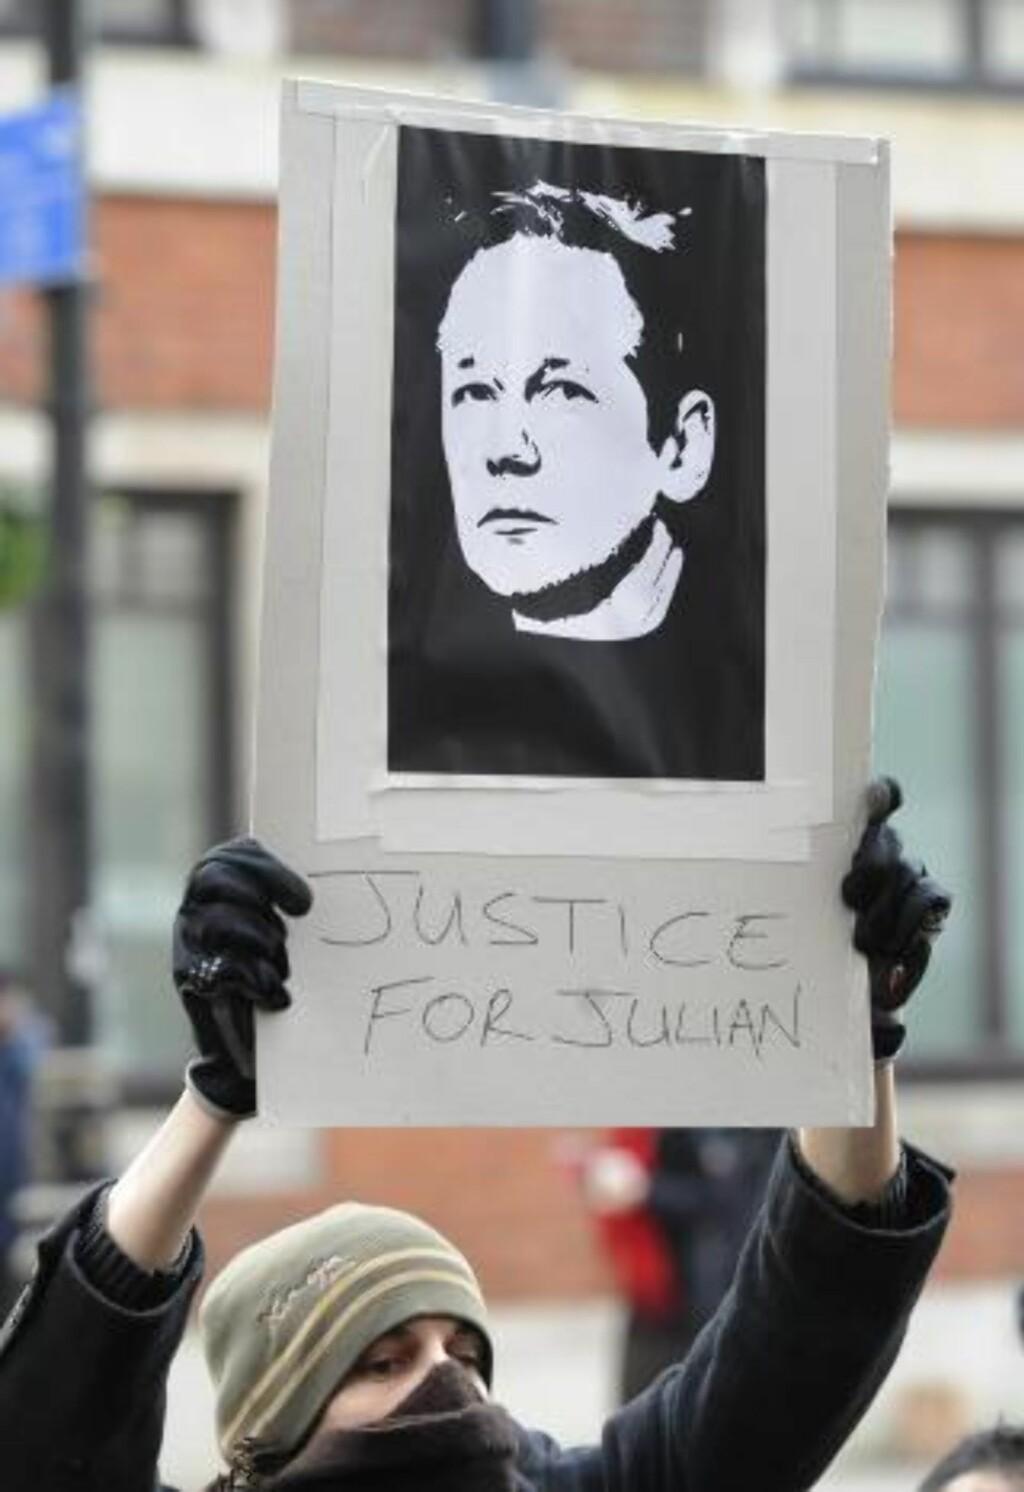 """DEMONSTRERTE: En demonstrant holder en plakat med bilde av Julian Assange og teksten """"Justice for Julian"""" - """"Rettferdighet for Julian"""". Foto: EPA/Facundo Arrizabalaga/Scanpix"""